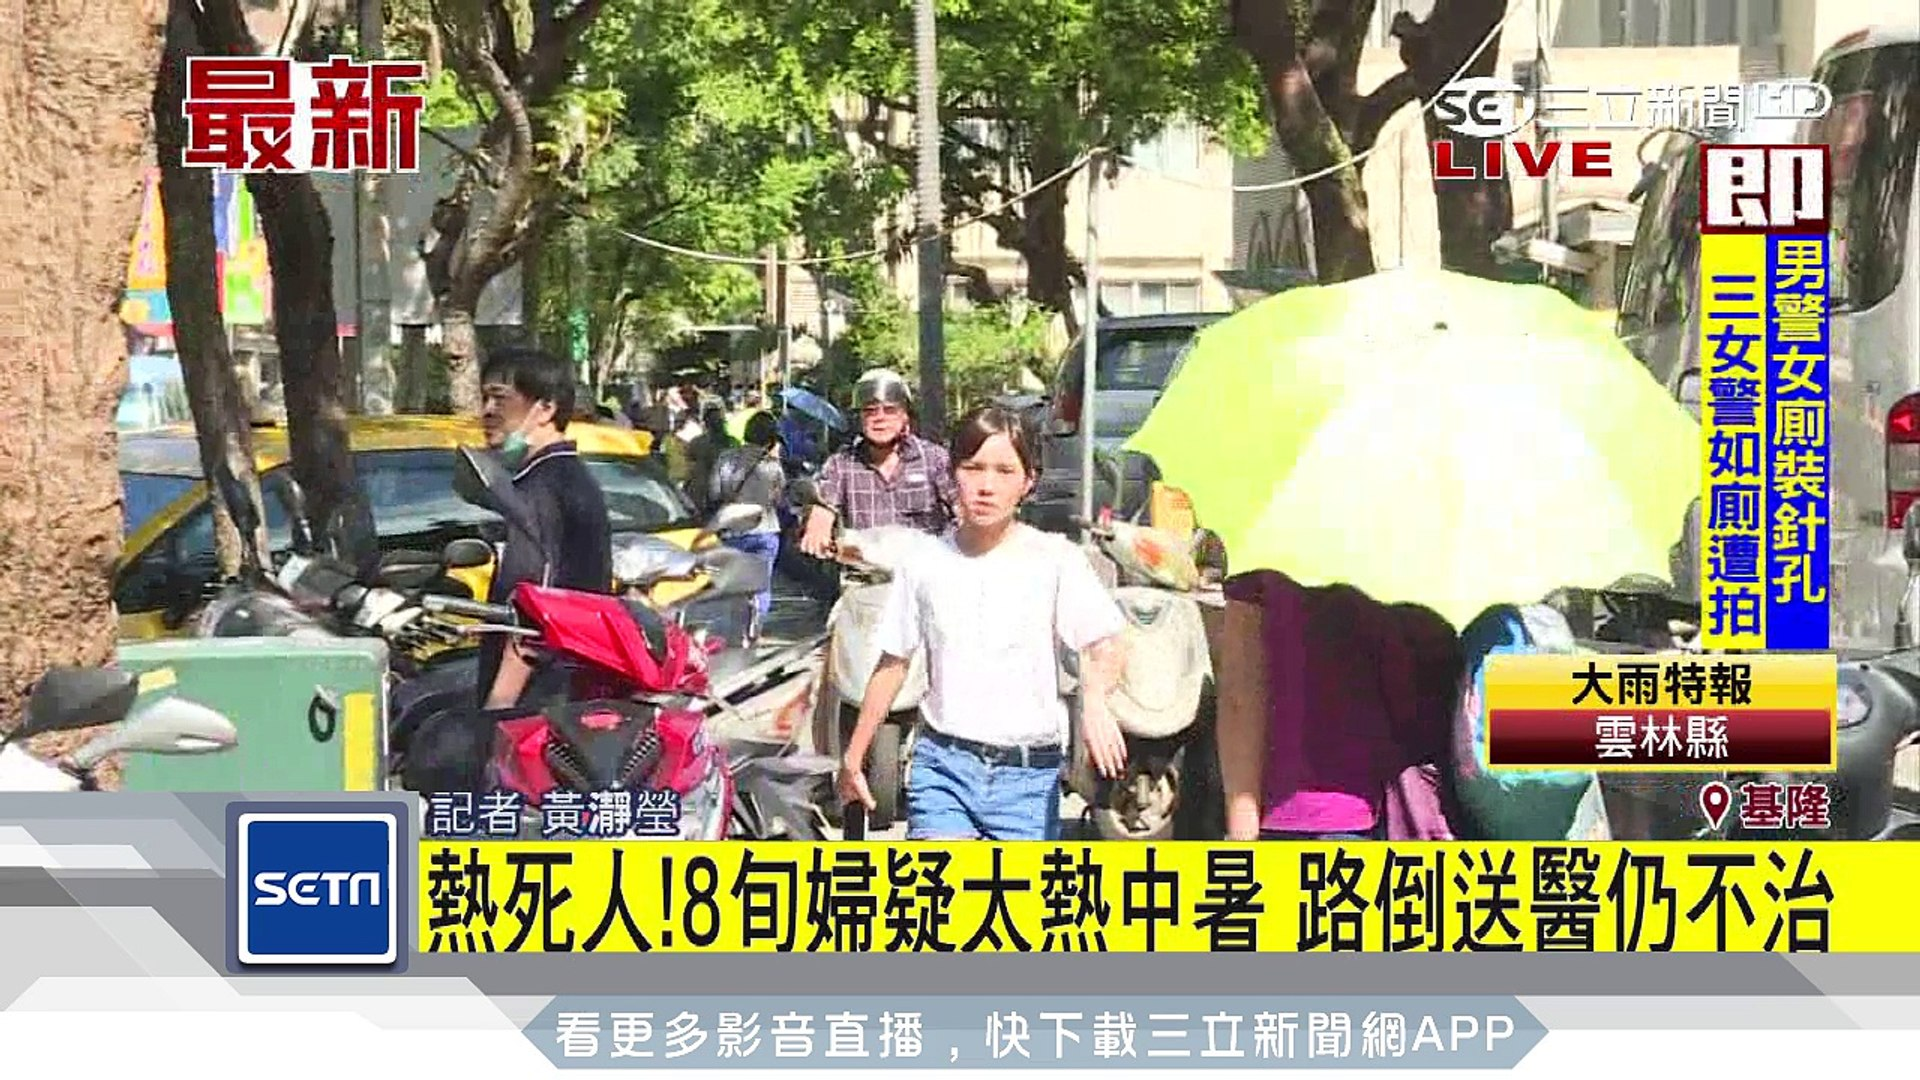 熱死人!8旬婦疑太熱中暑 路倒送醫仍不治|三立新聞台